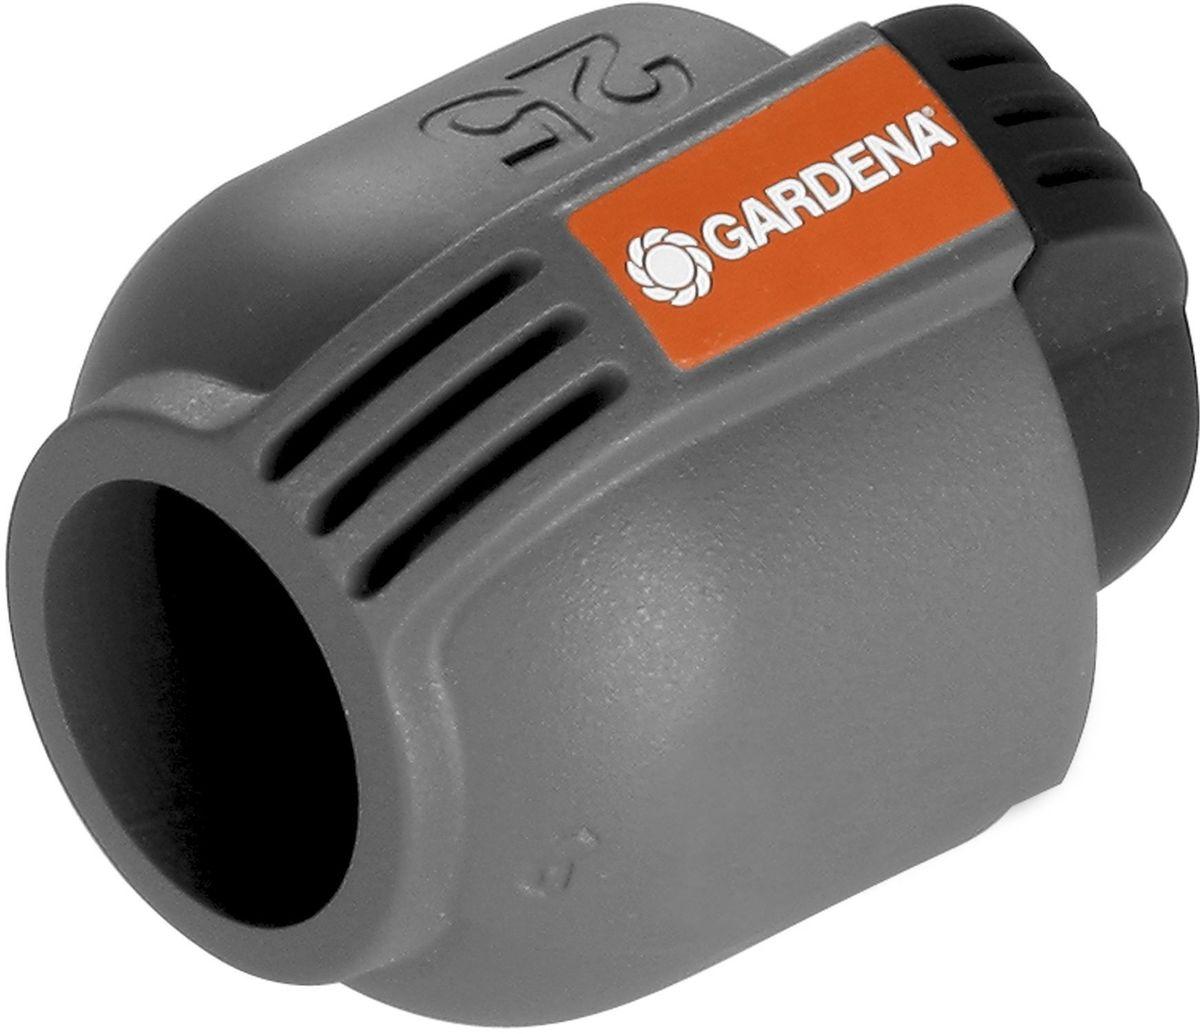 Заглушка Gardena, 25 мм. 02778-20.000.0002778-20.000.00Заглушка GARDENA 25 мм, входящая в систему дождевания GARDENA Sprinklersystem, предназначена для безопасного замыкания подающего шланга. Благодаря запатентованной технологии простого соединения Quick & Easy (Быстро и просто) соединение/разъединение труб осуществляется без инструментов, простым поворотом резьбового фитинга на 140°